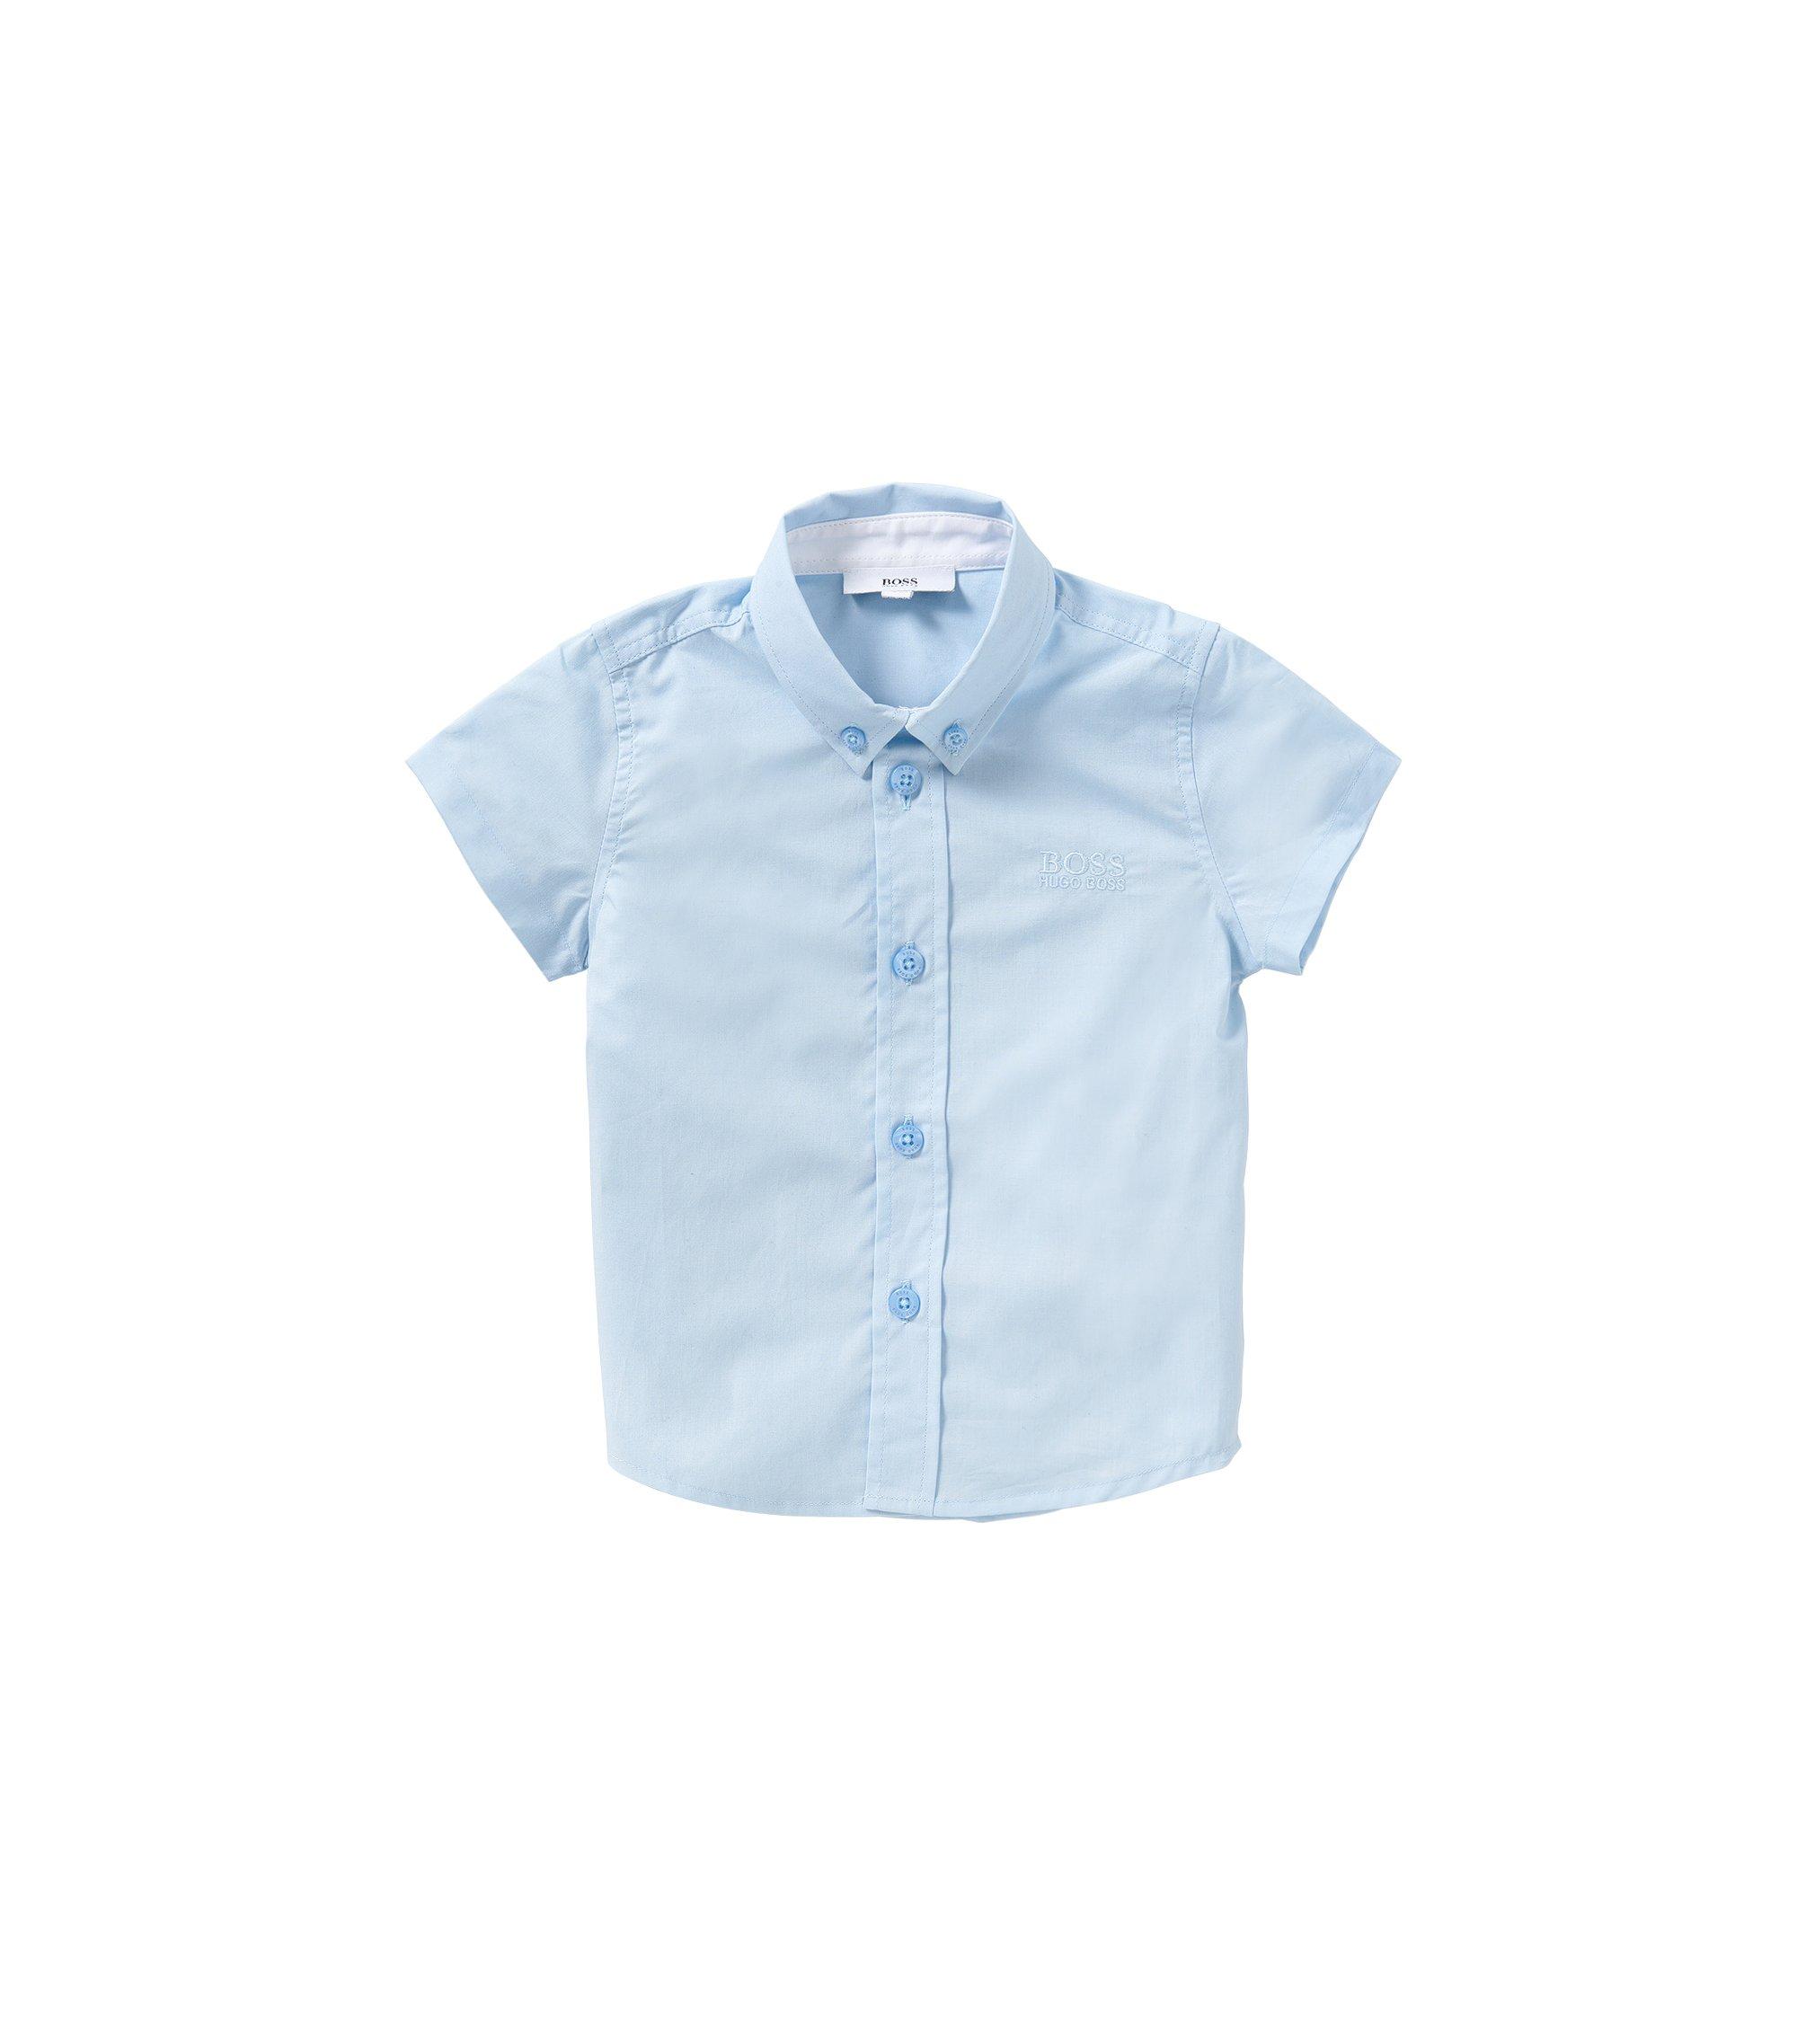 Baby-Hemd aus Baumwolle mit kurzen Ärmeln: 'J05463', Hellblau